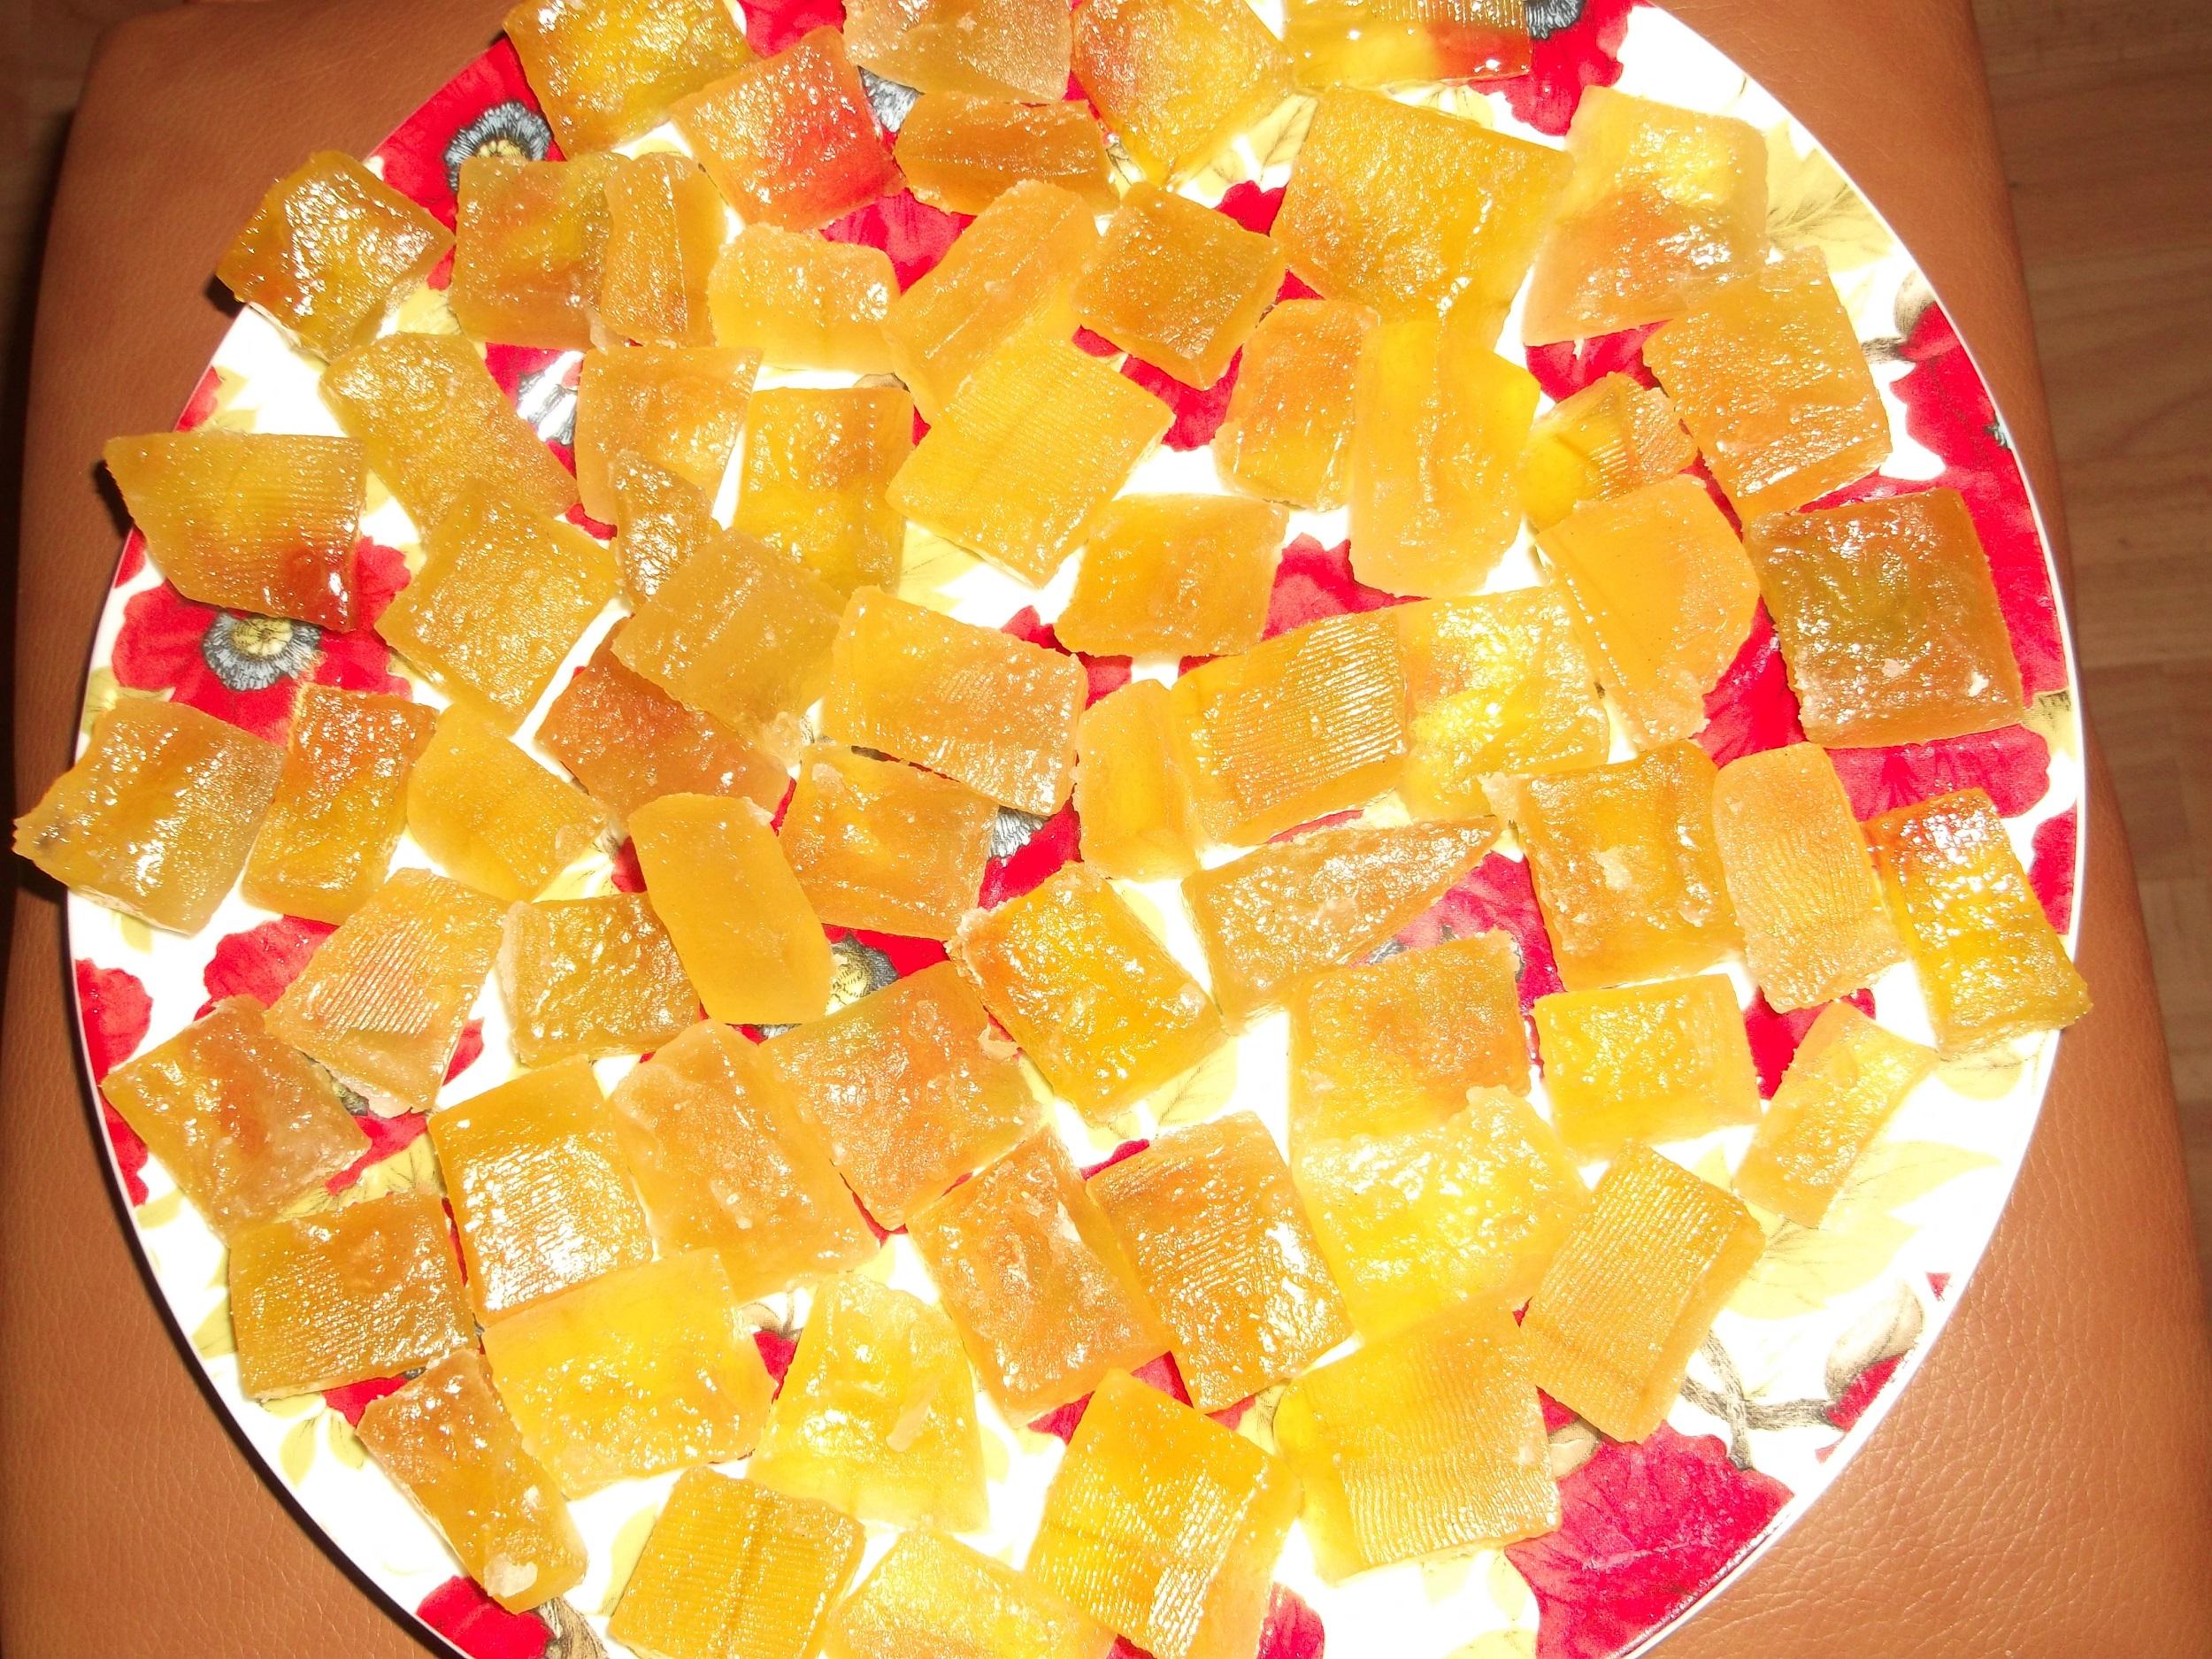 Цукаты из арбузных корок: самые простые рецепты приготовления в домашних условиях с фото и видео